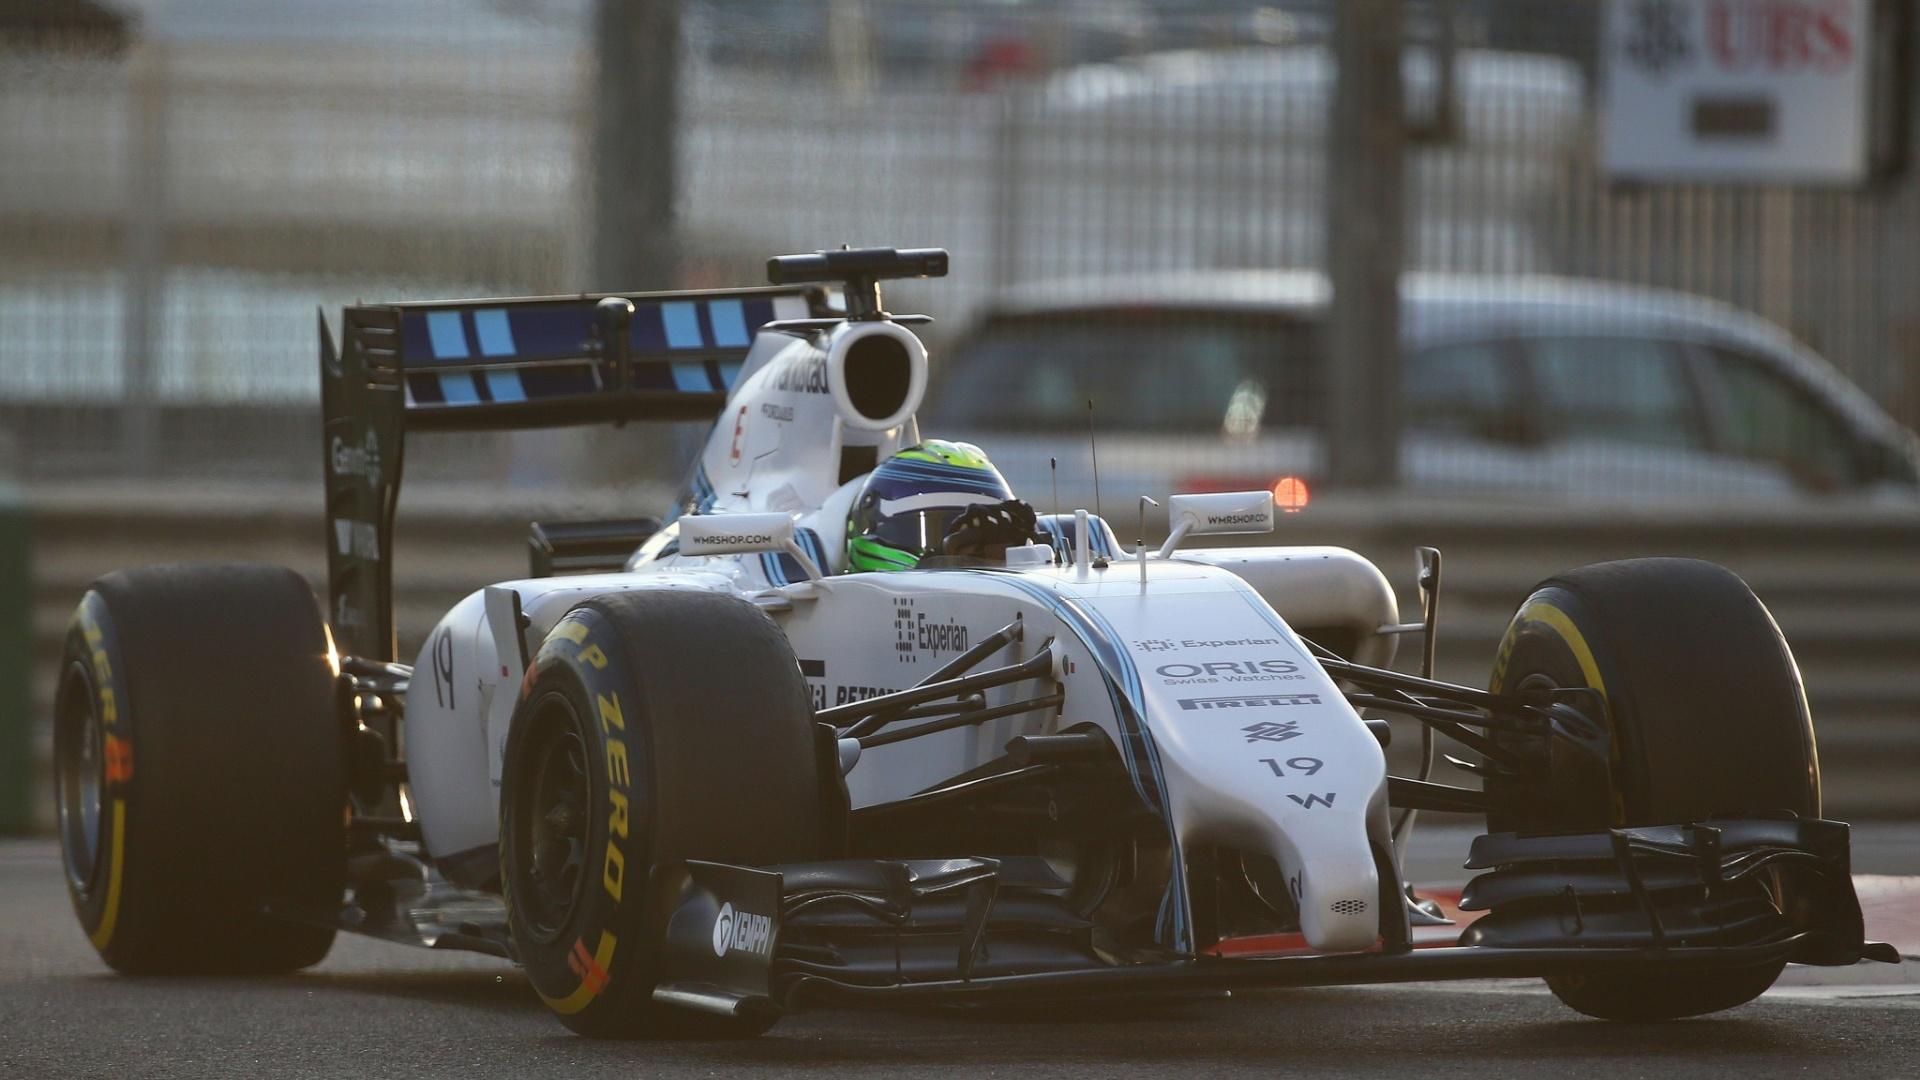 Com a noite já caindo sobre o circuito em Abu Dhabi, Felipe Massa disputa o treino classificatório e fica com a quarta posição. Ele perdeu o terceiro posto para o companheiro Bottas nos instantes finais da sessão